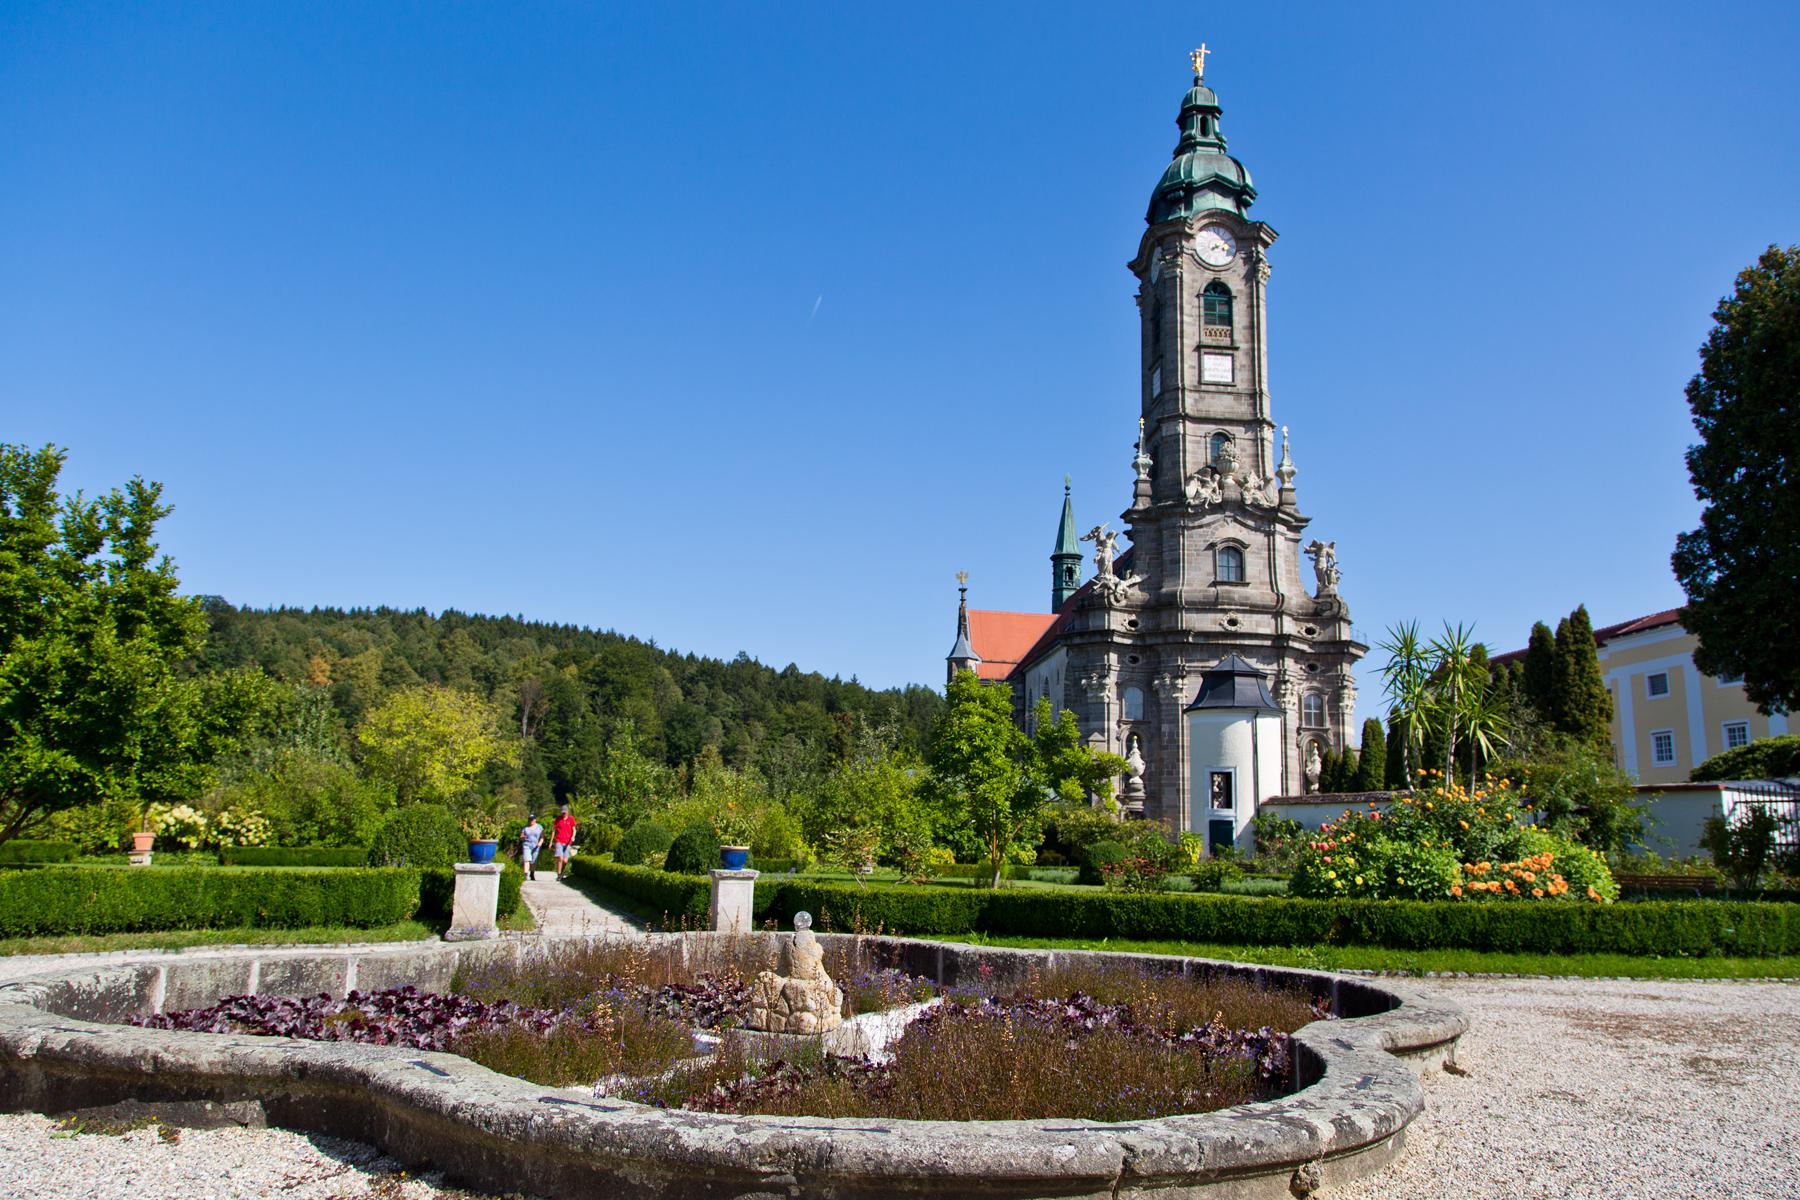 Klostergarten und Kirchturm